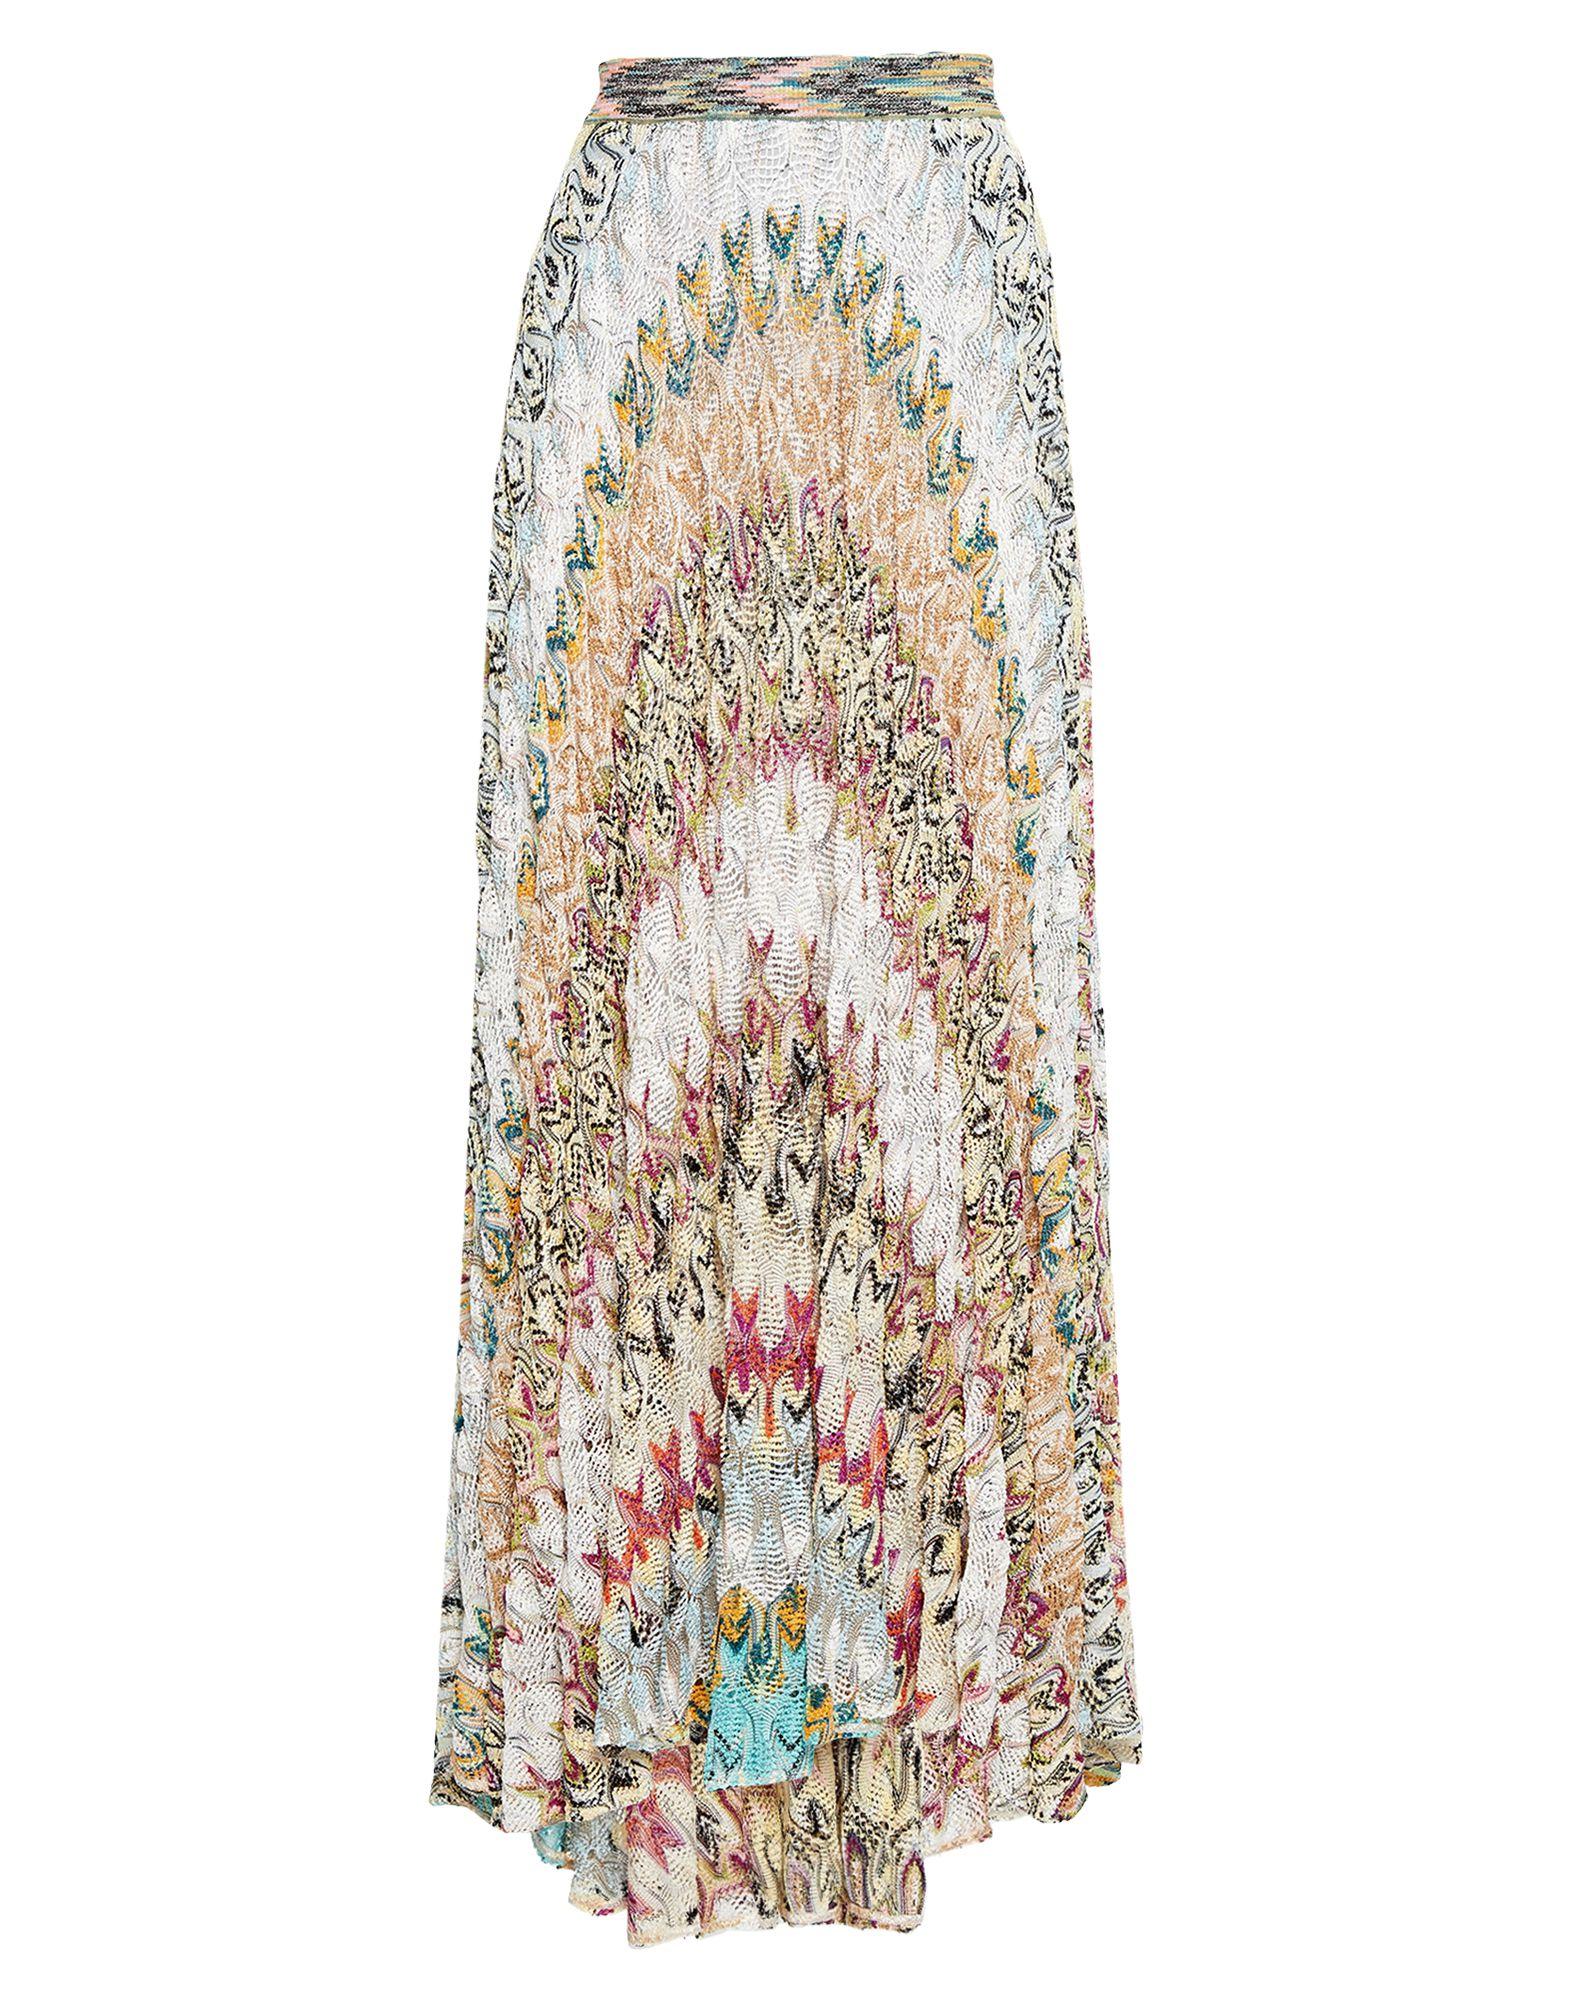 sun 68 длинная юбка MISSONI Длинная юбка